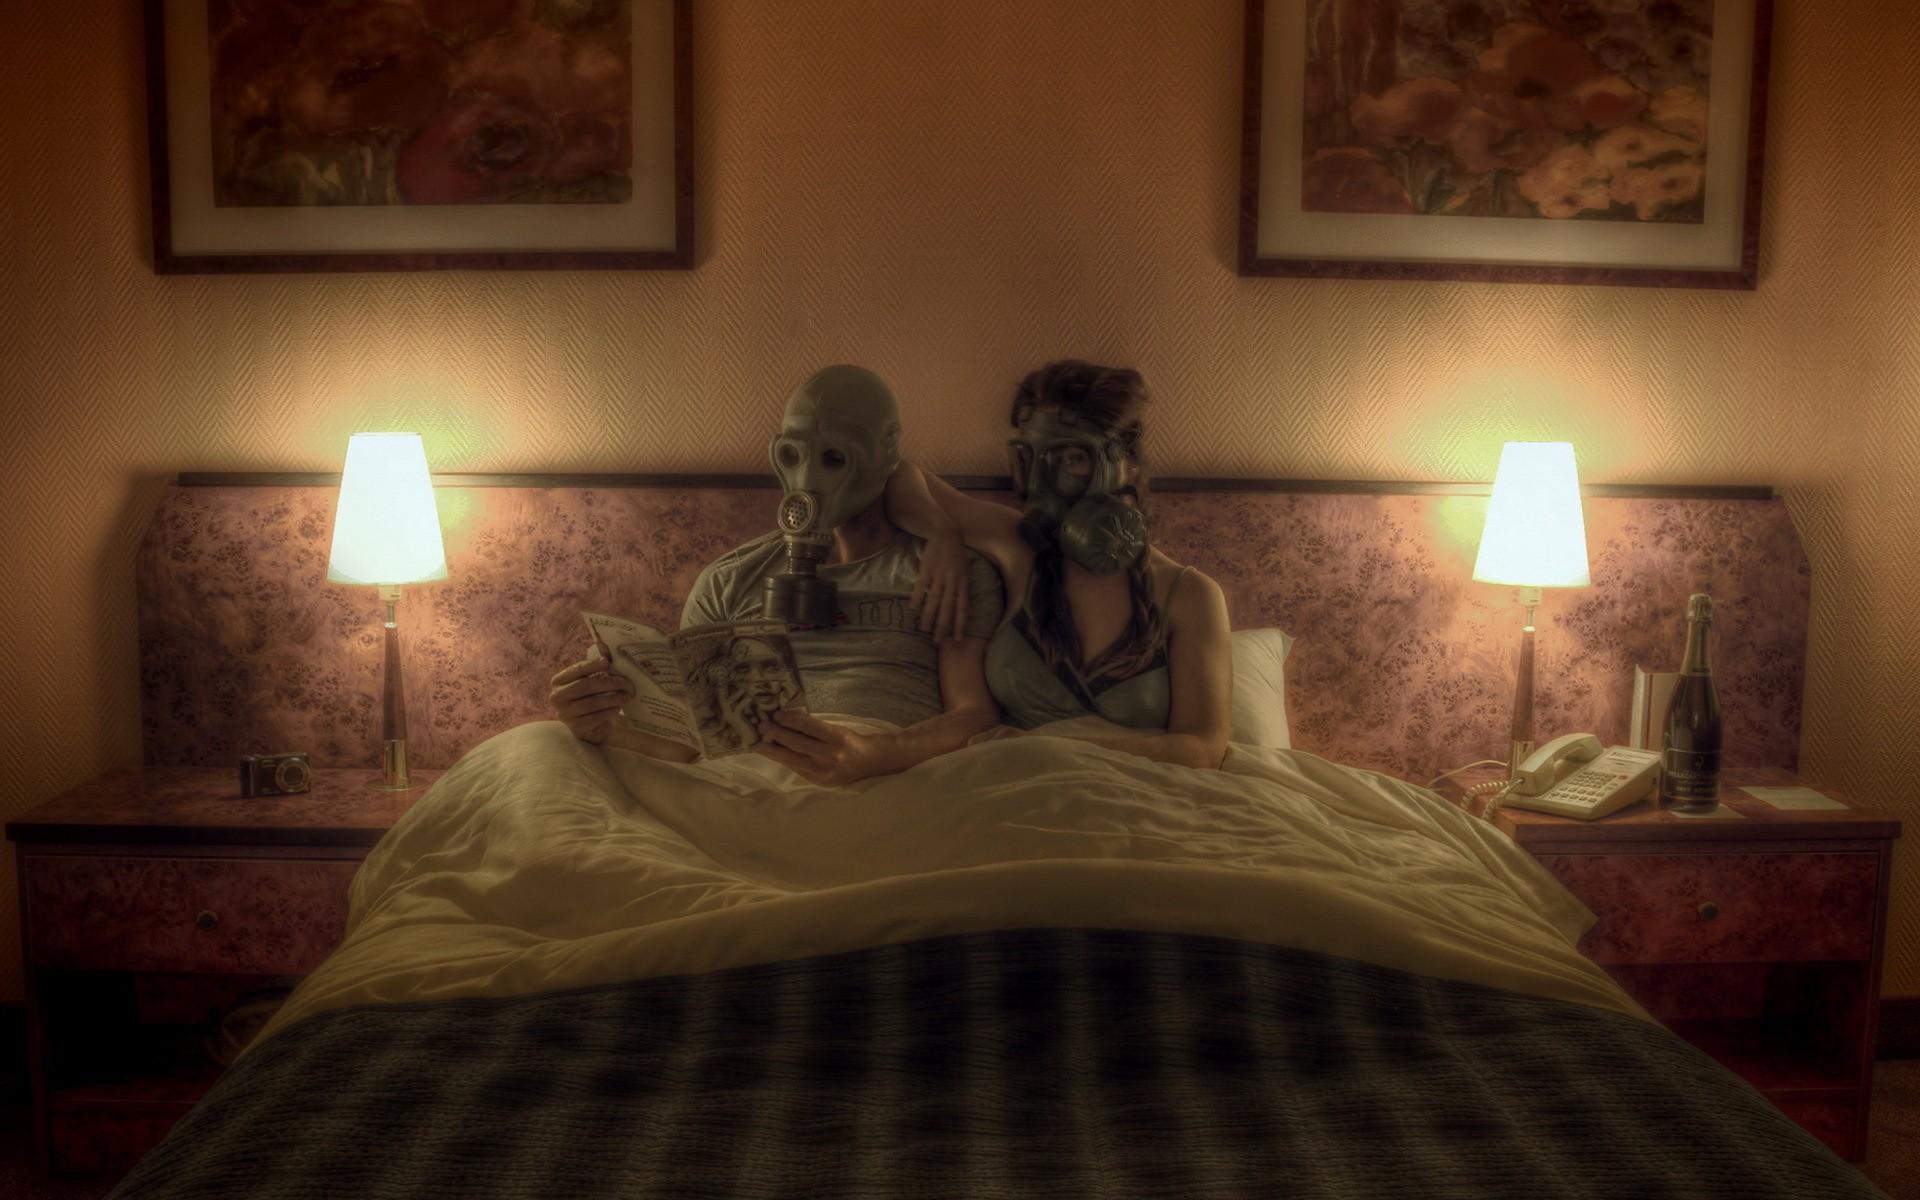 fond d 39 cran la peinture masques gaz chambre s ance au lit en train de lire maison. Black Bedroom Furniture Sets. Home Design Ideas